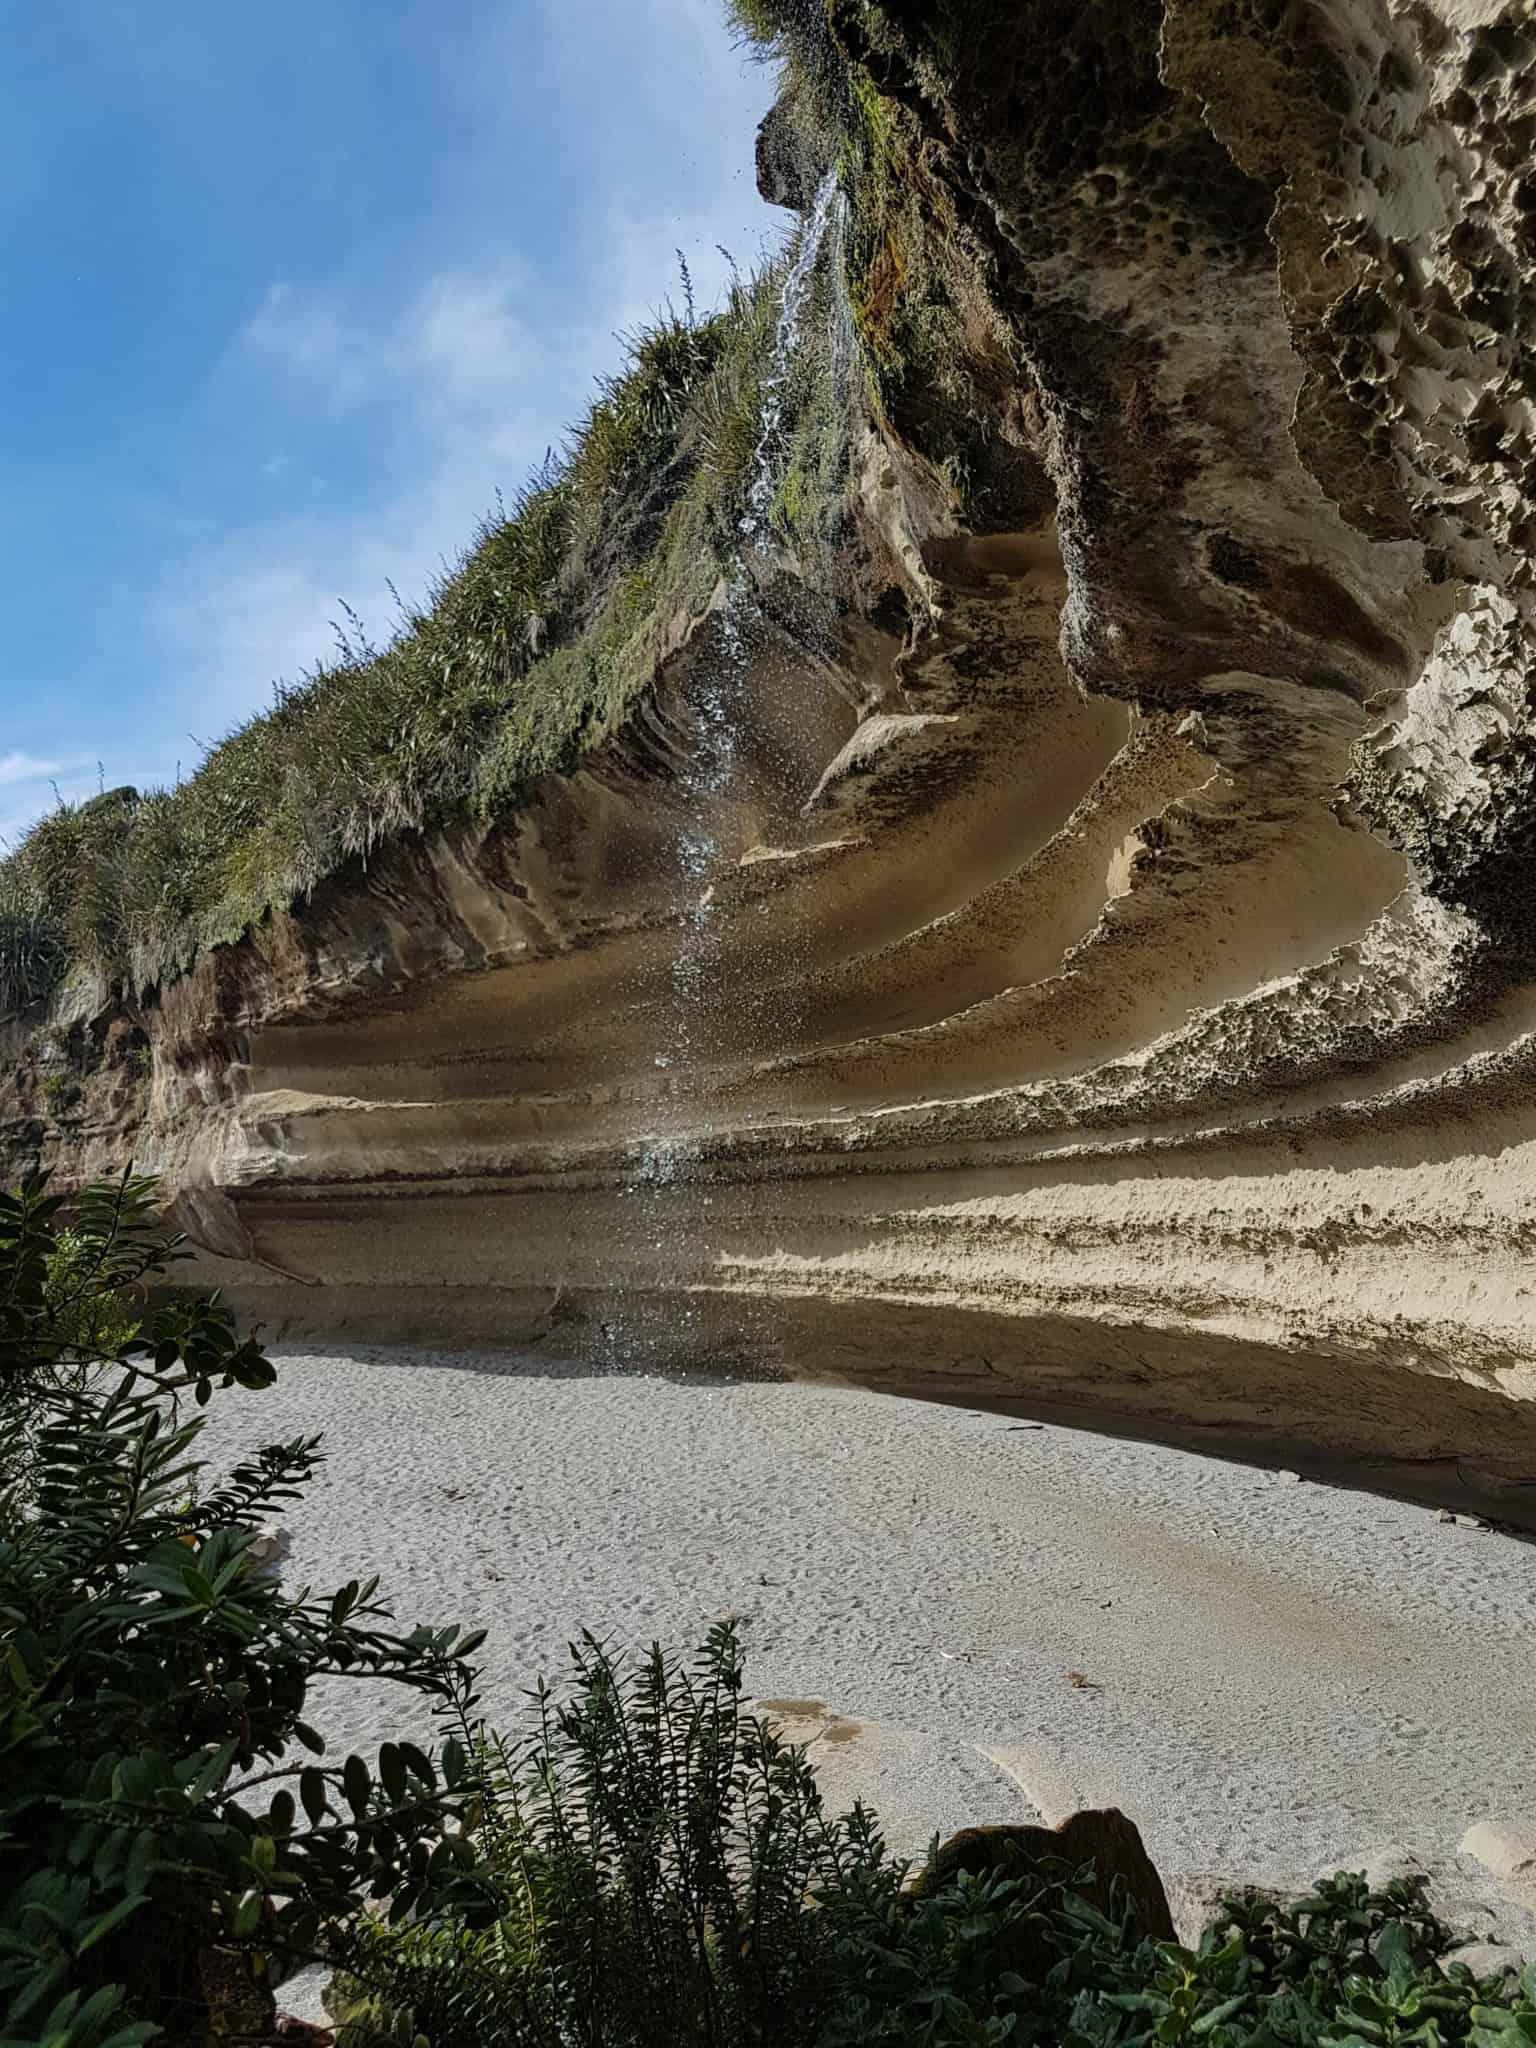 Nouvelle-Zélande, les incontournables  Pancake Rocks ! 🤩 15